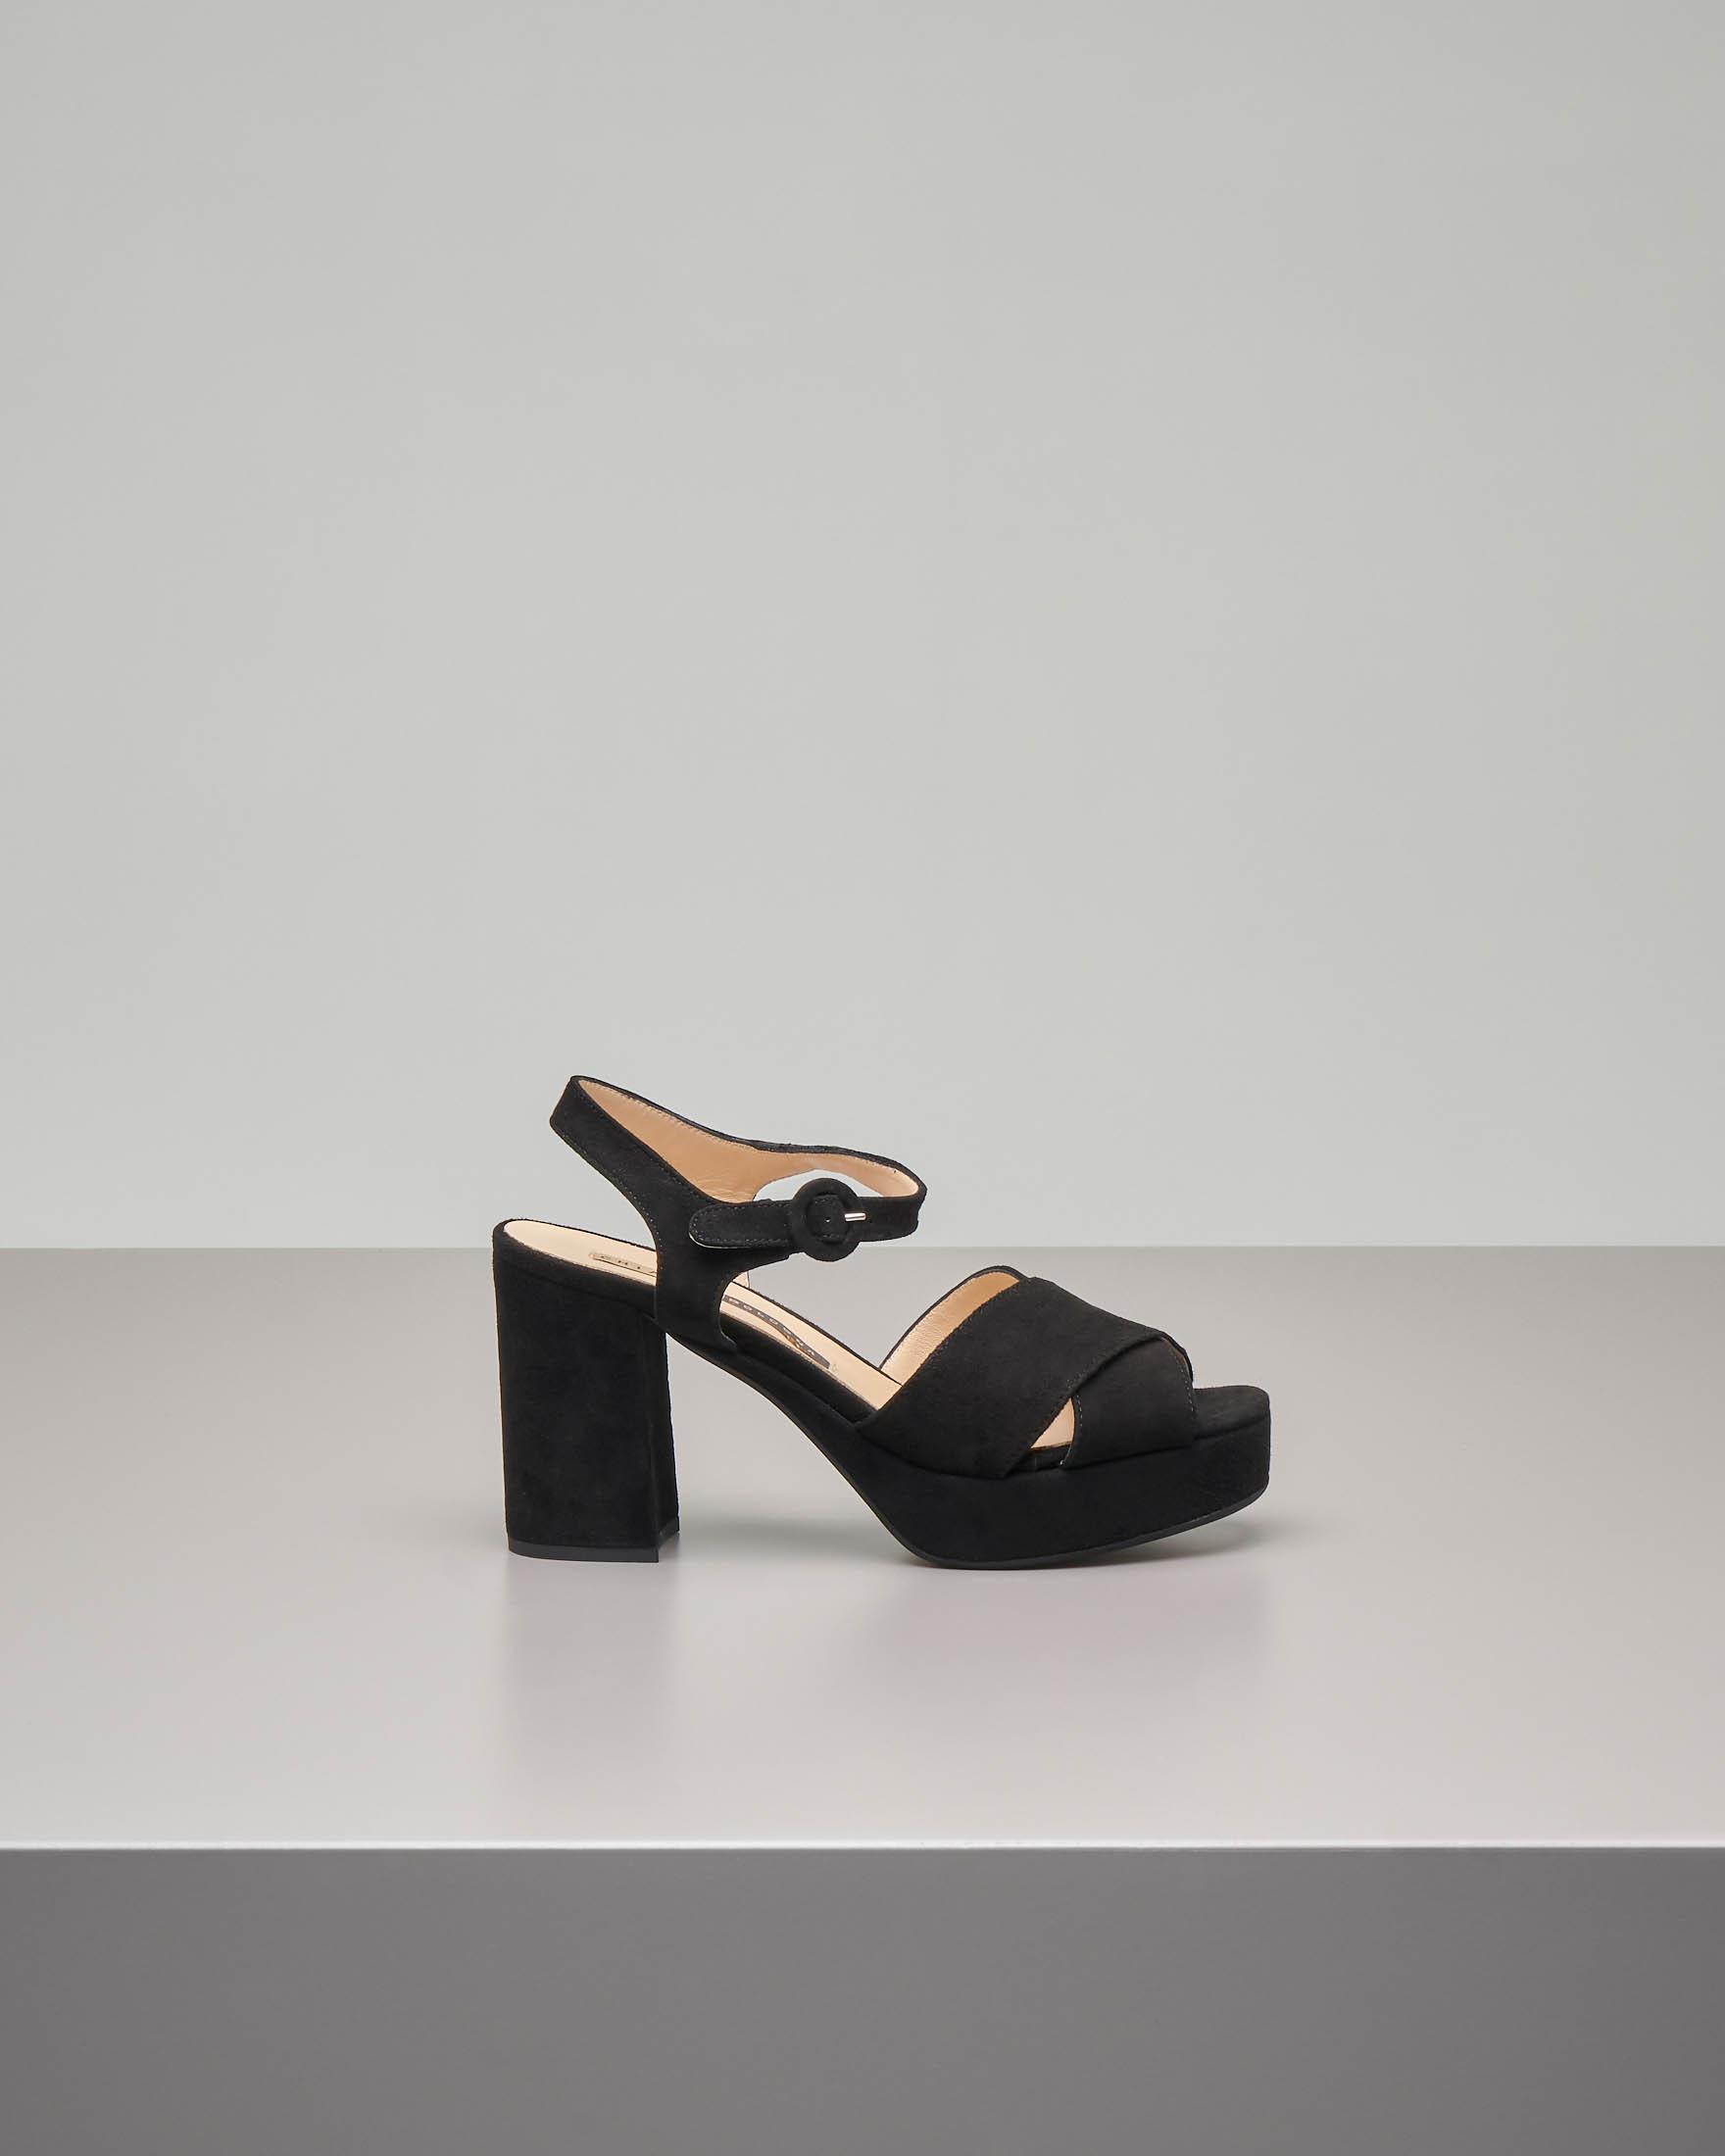 Sandalo plateau in camoscio nero con cinturino alla caviglia e fascette incrociate